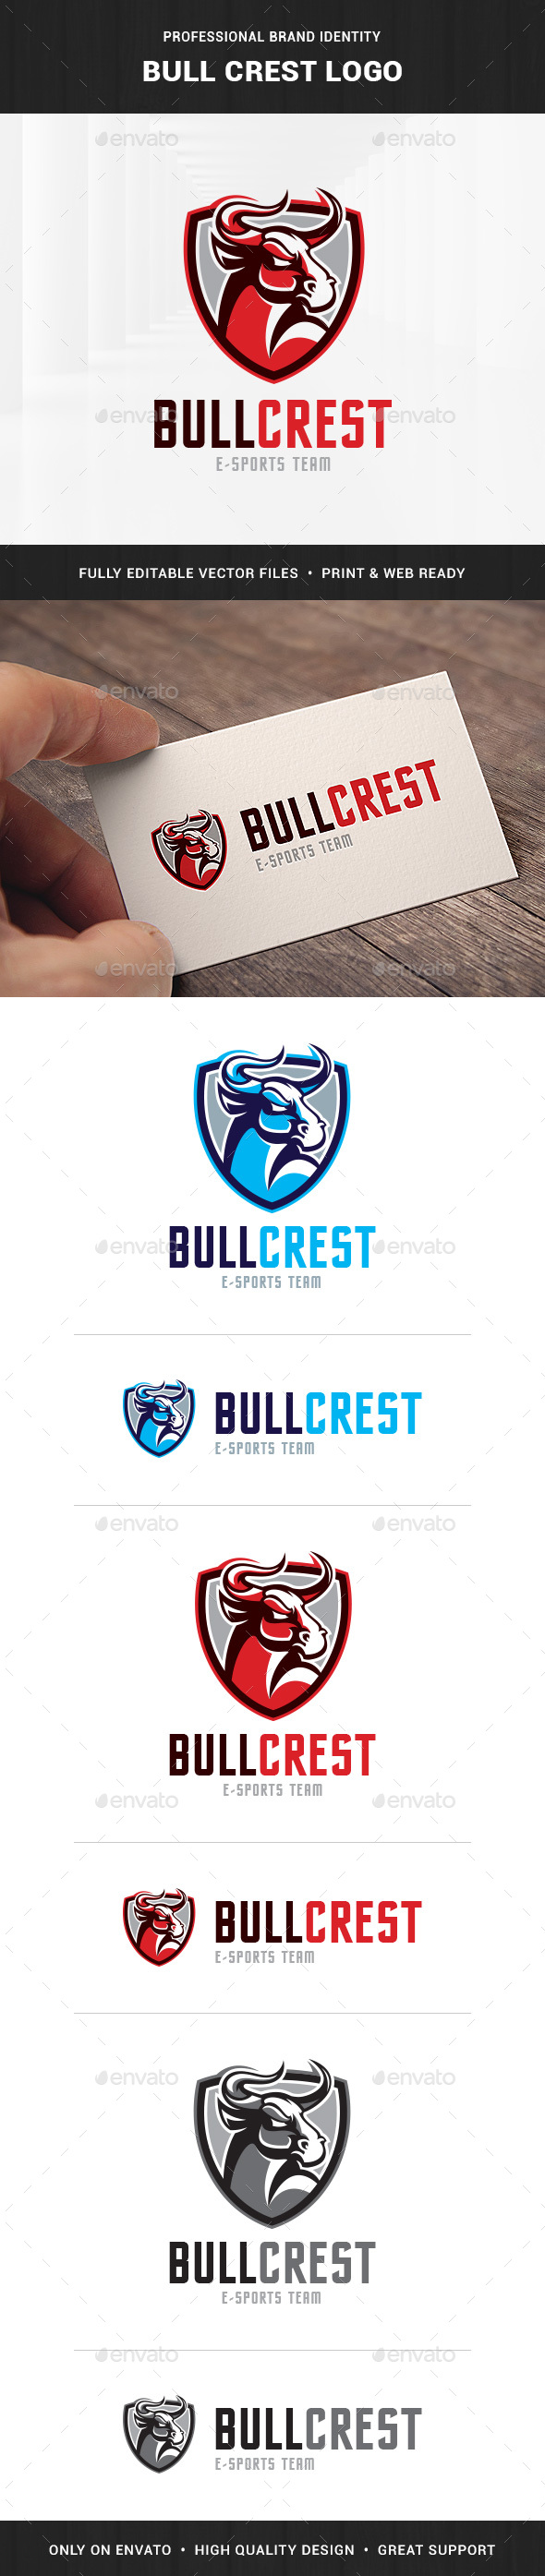 Bull Crest Logo Template